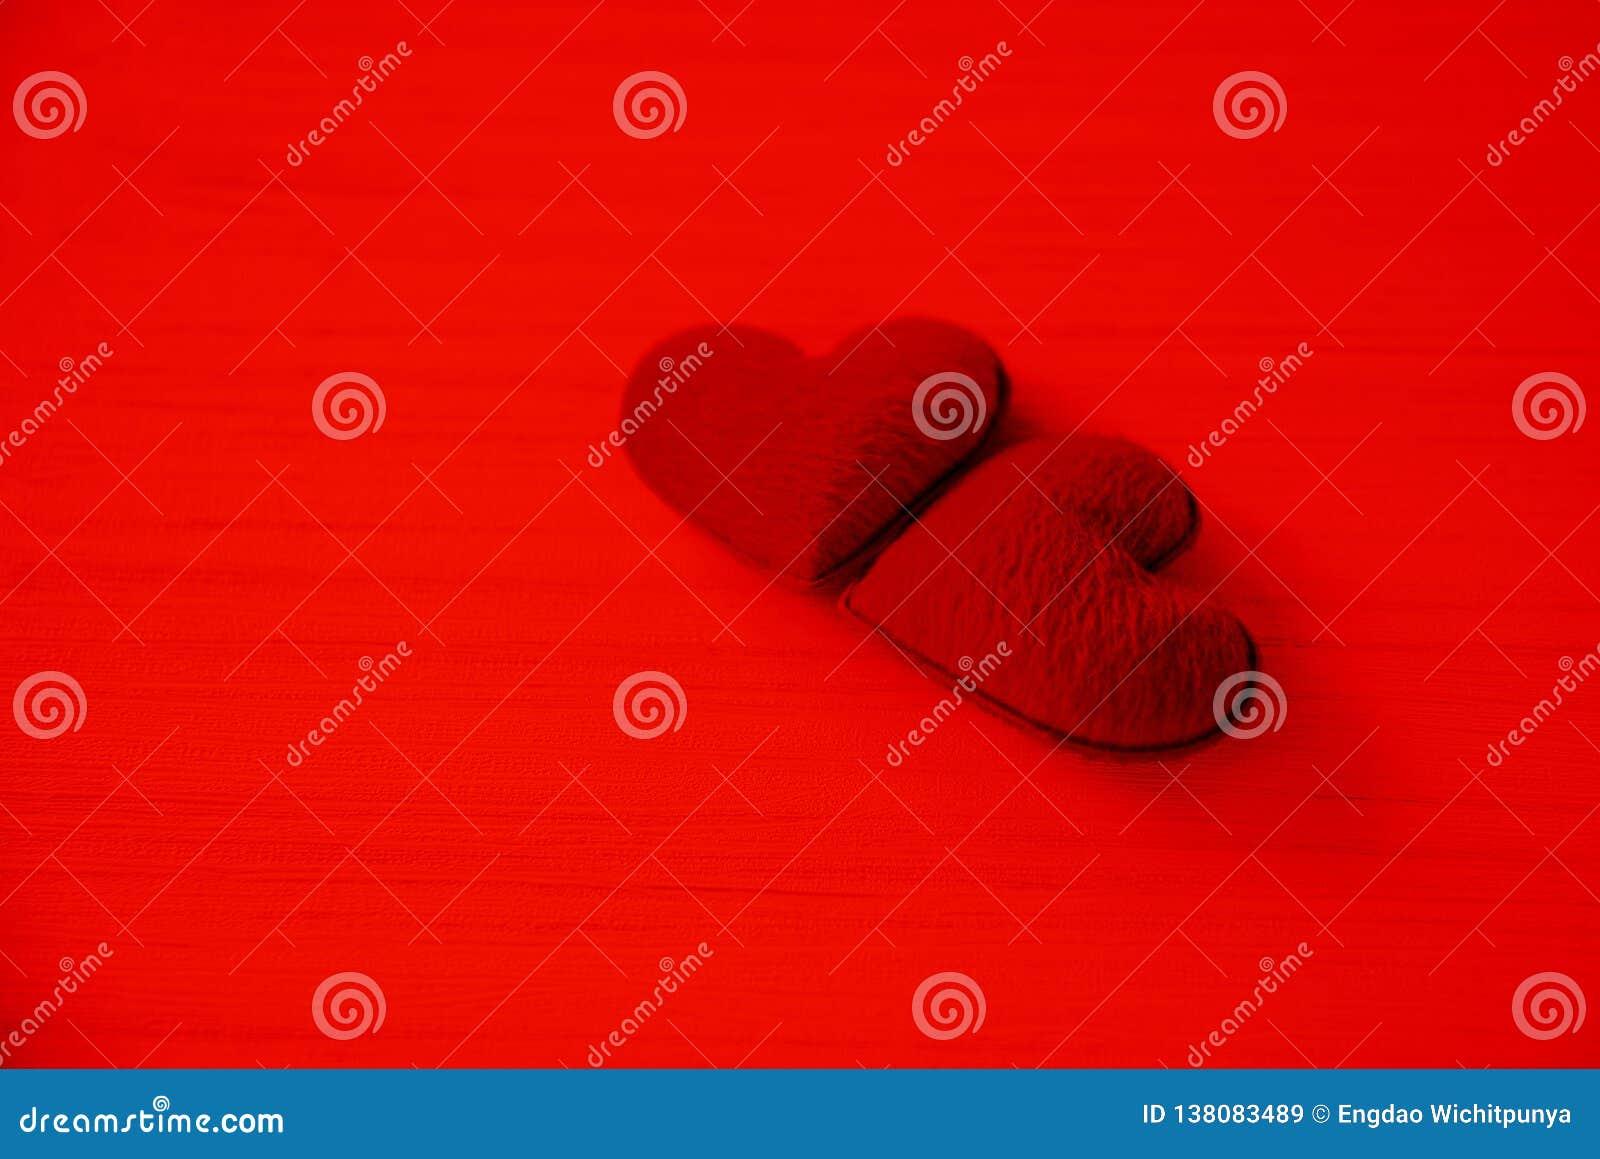 El concepto romántico del corazón del amor de día de San Valentín junta el corazón rojo adornado en fondo rojo